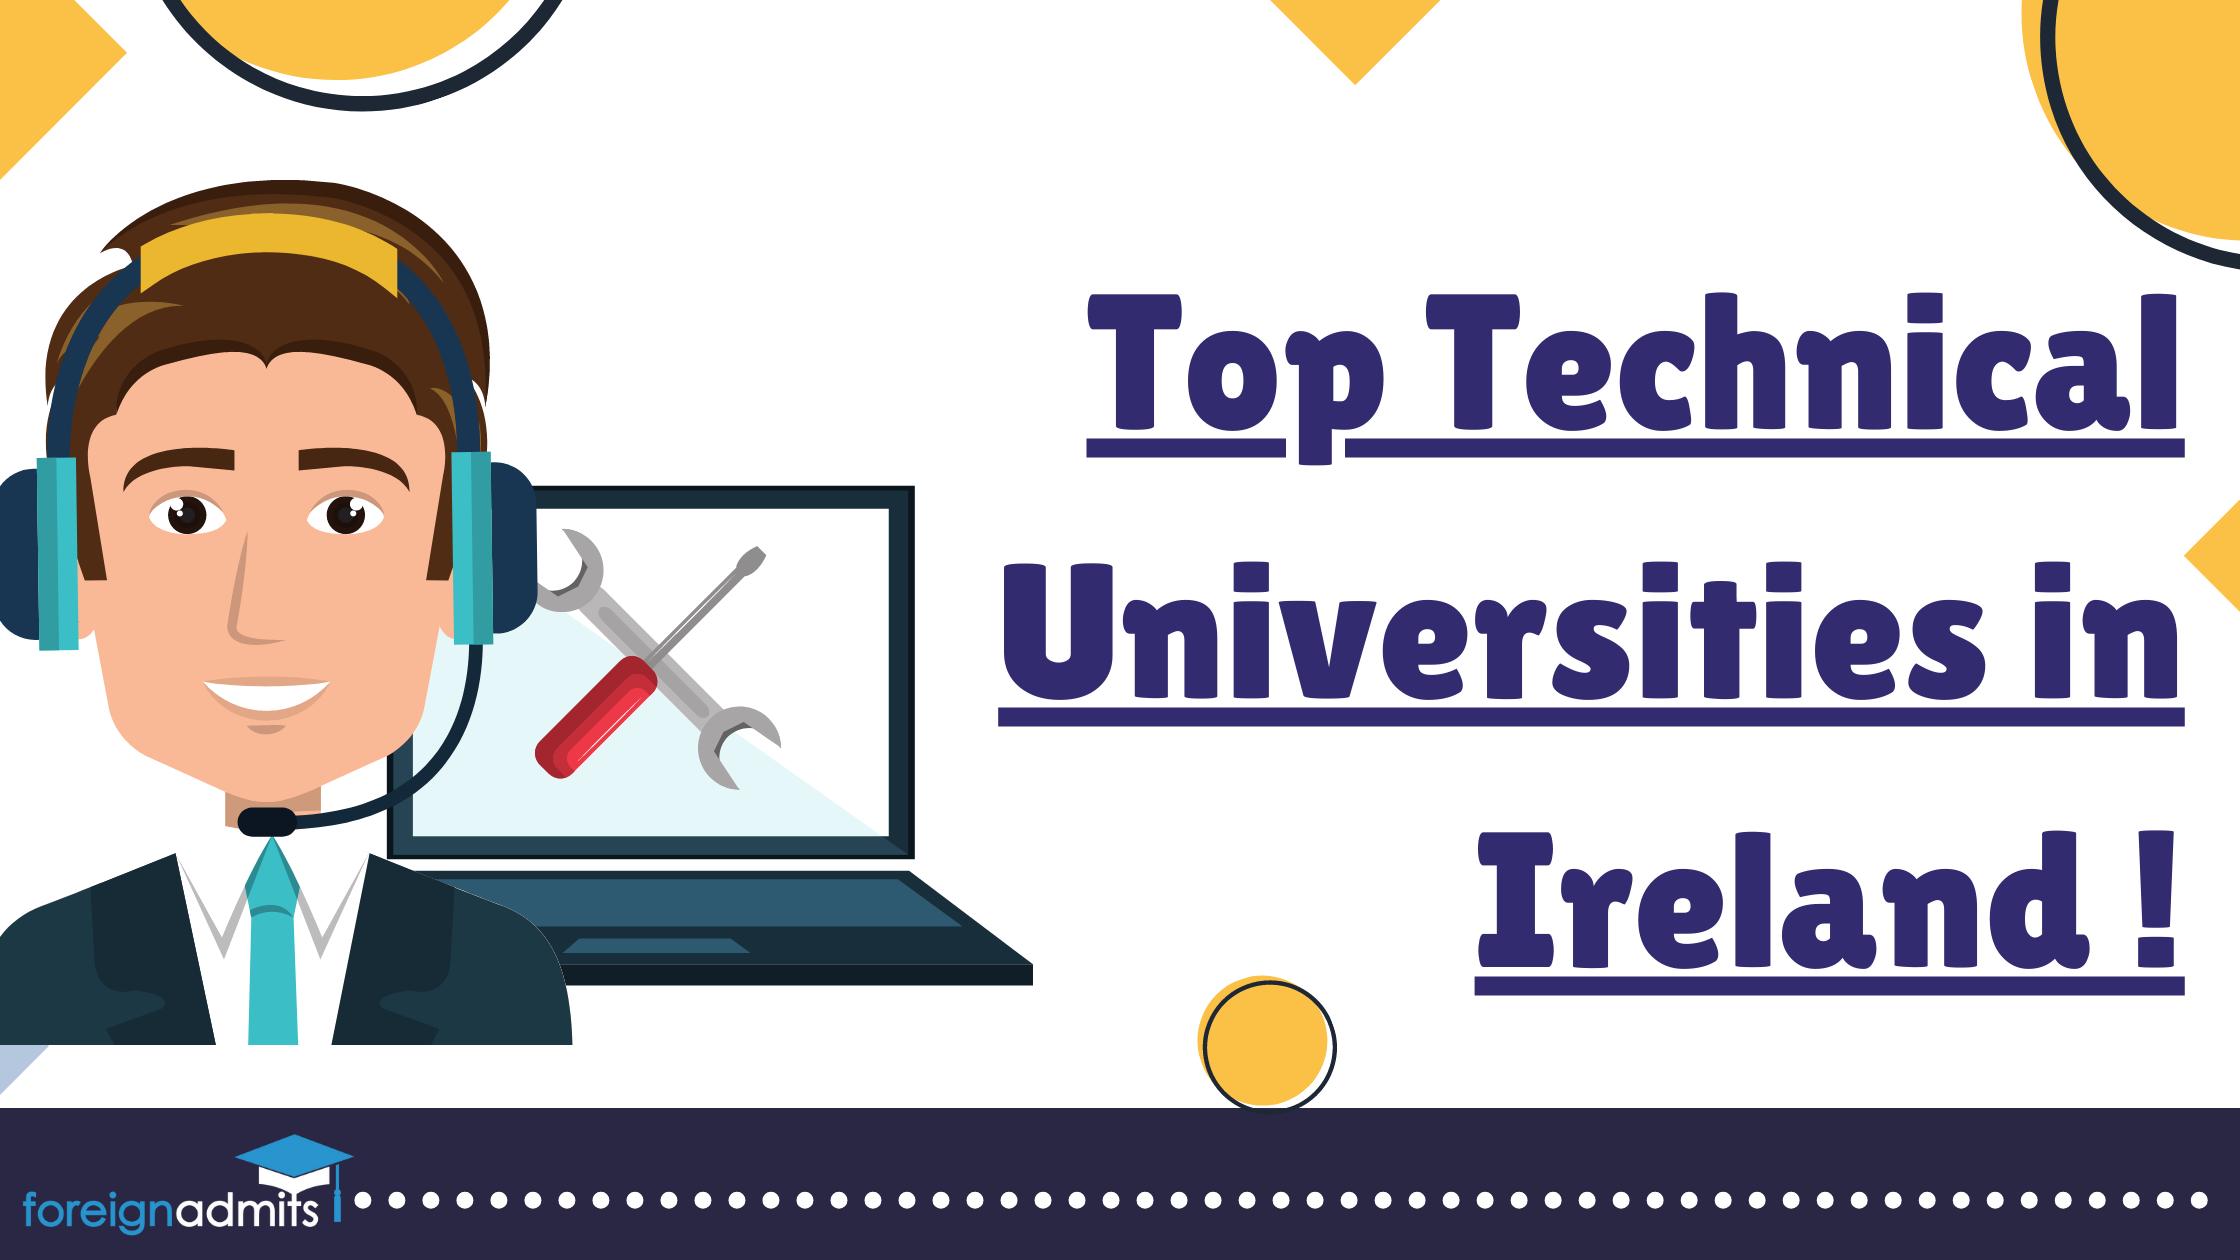 Top Technical Universities in Ireland